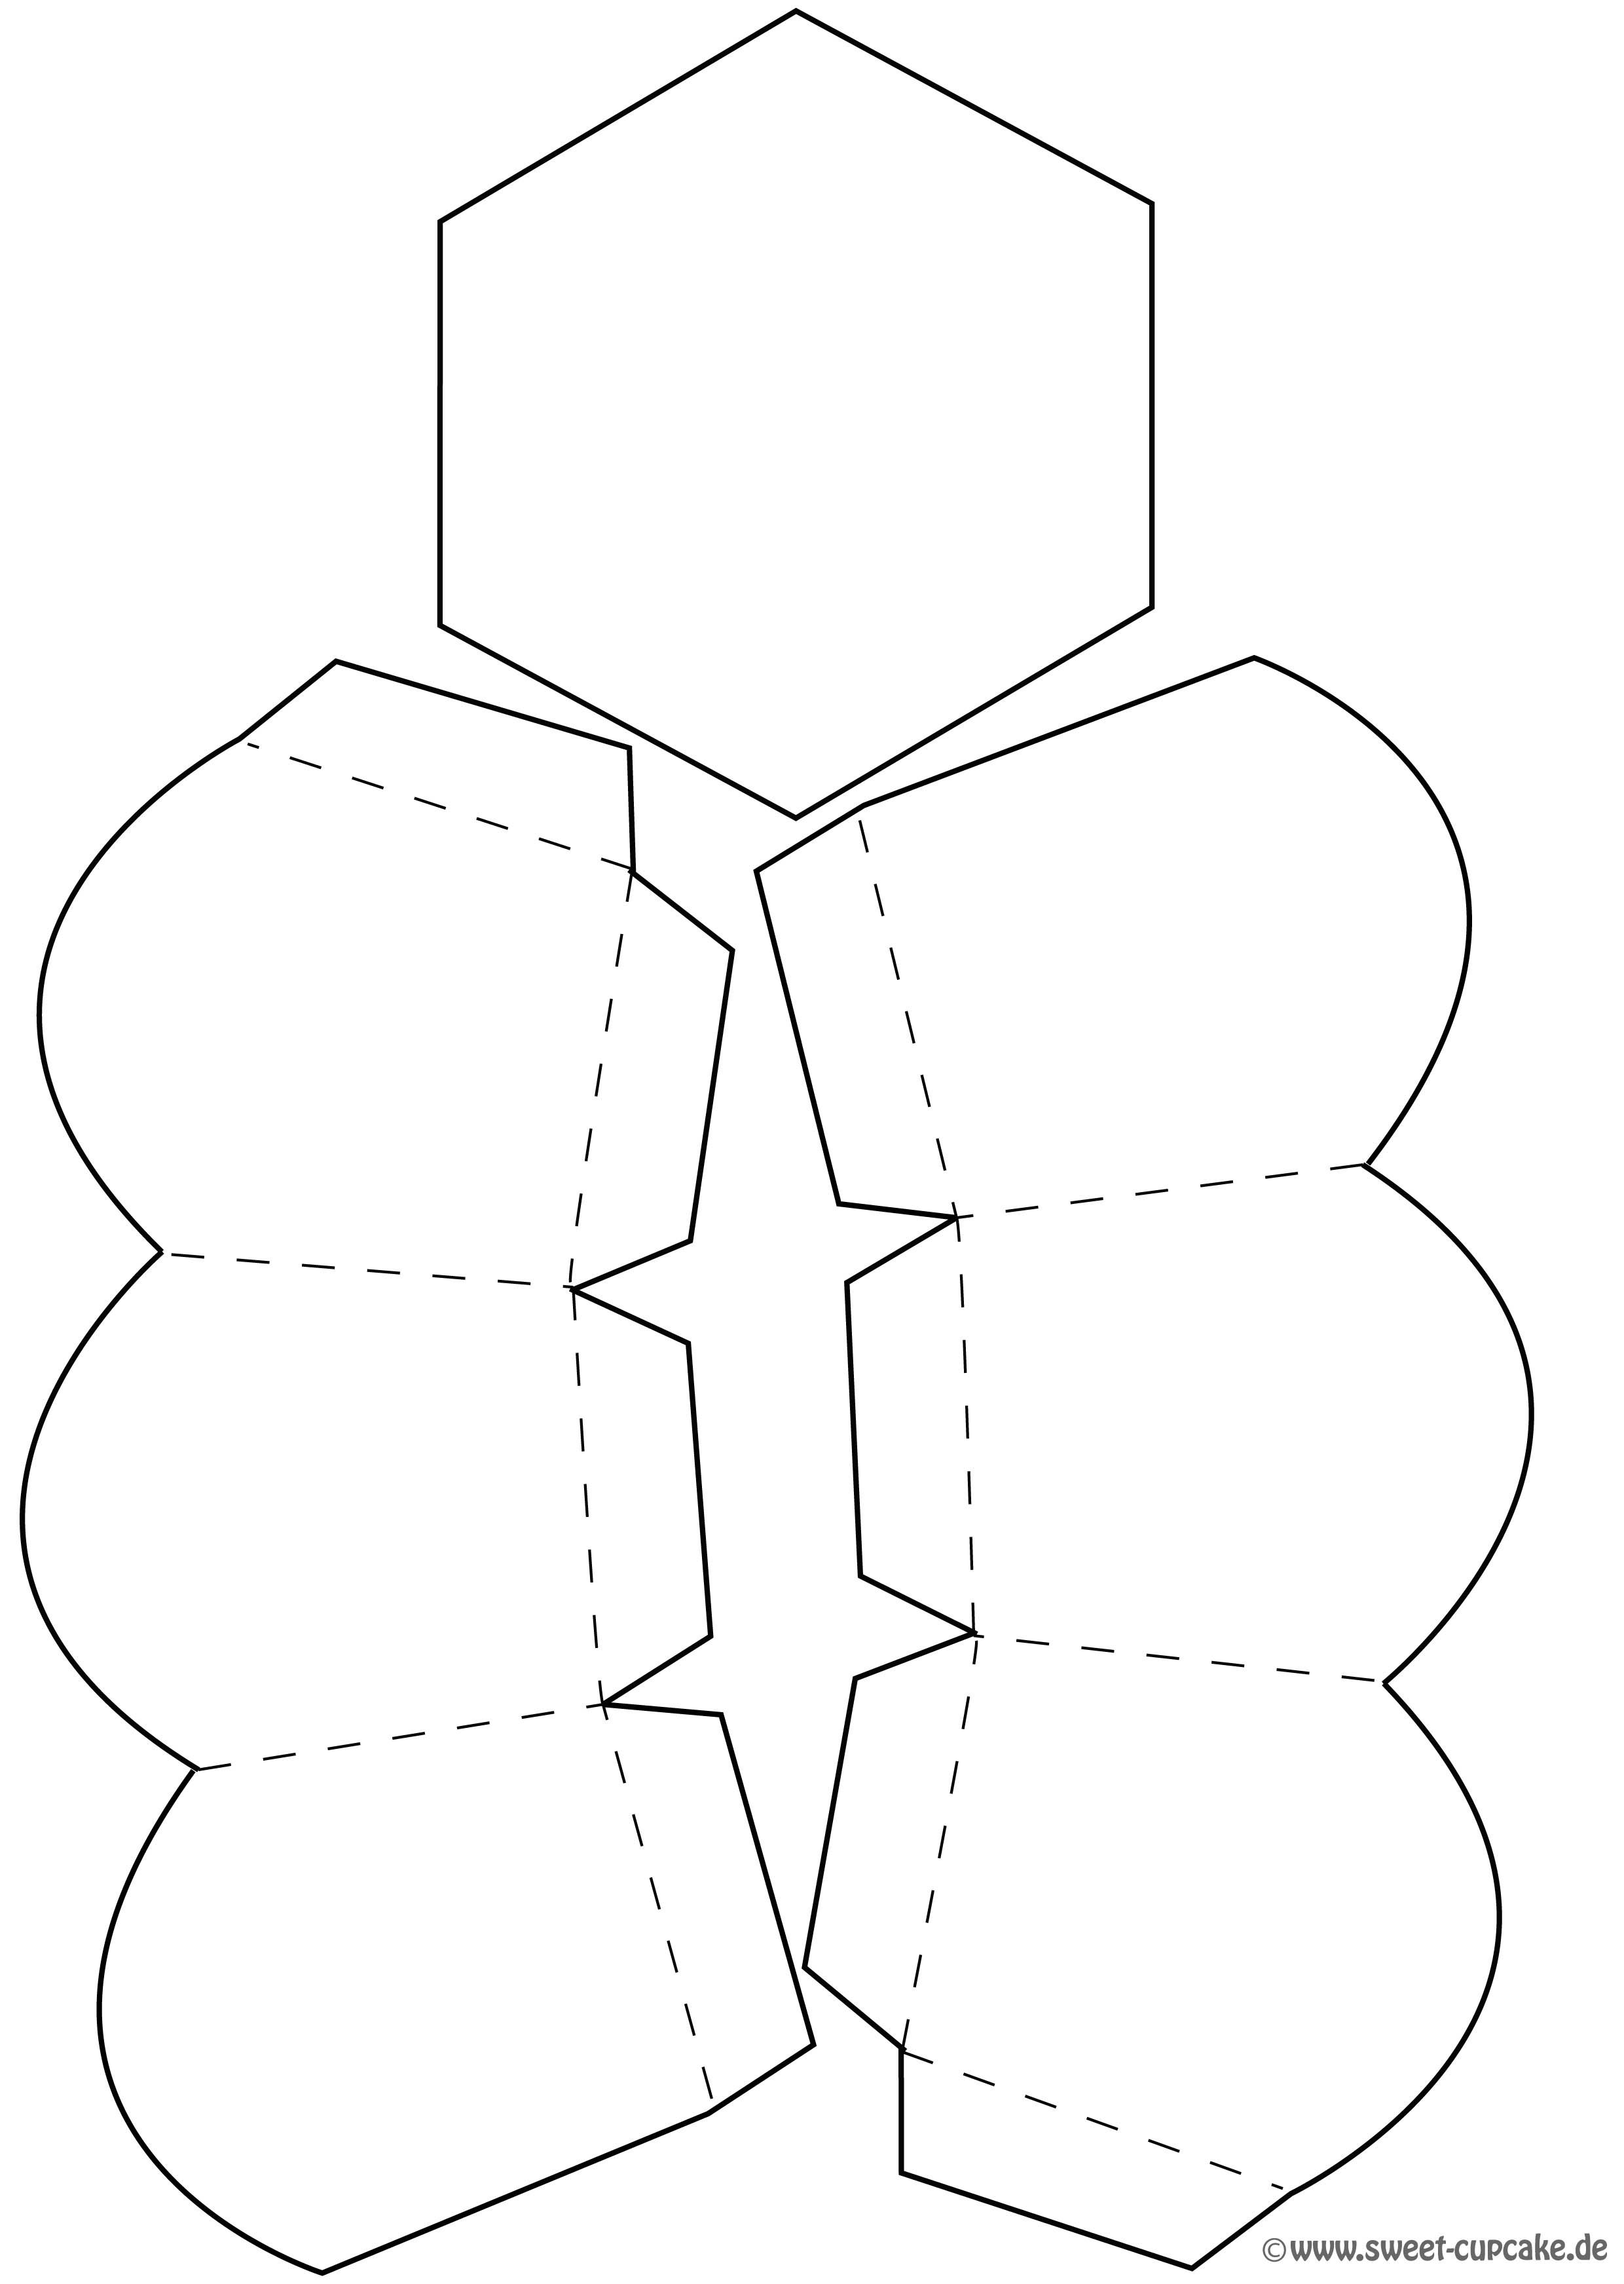 schablone bzw druckvorlage f r eine sechseckige geschenkbox bags and boxes pinterest box. Black Bedroom Furniture Sets. Home Design Ideas